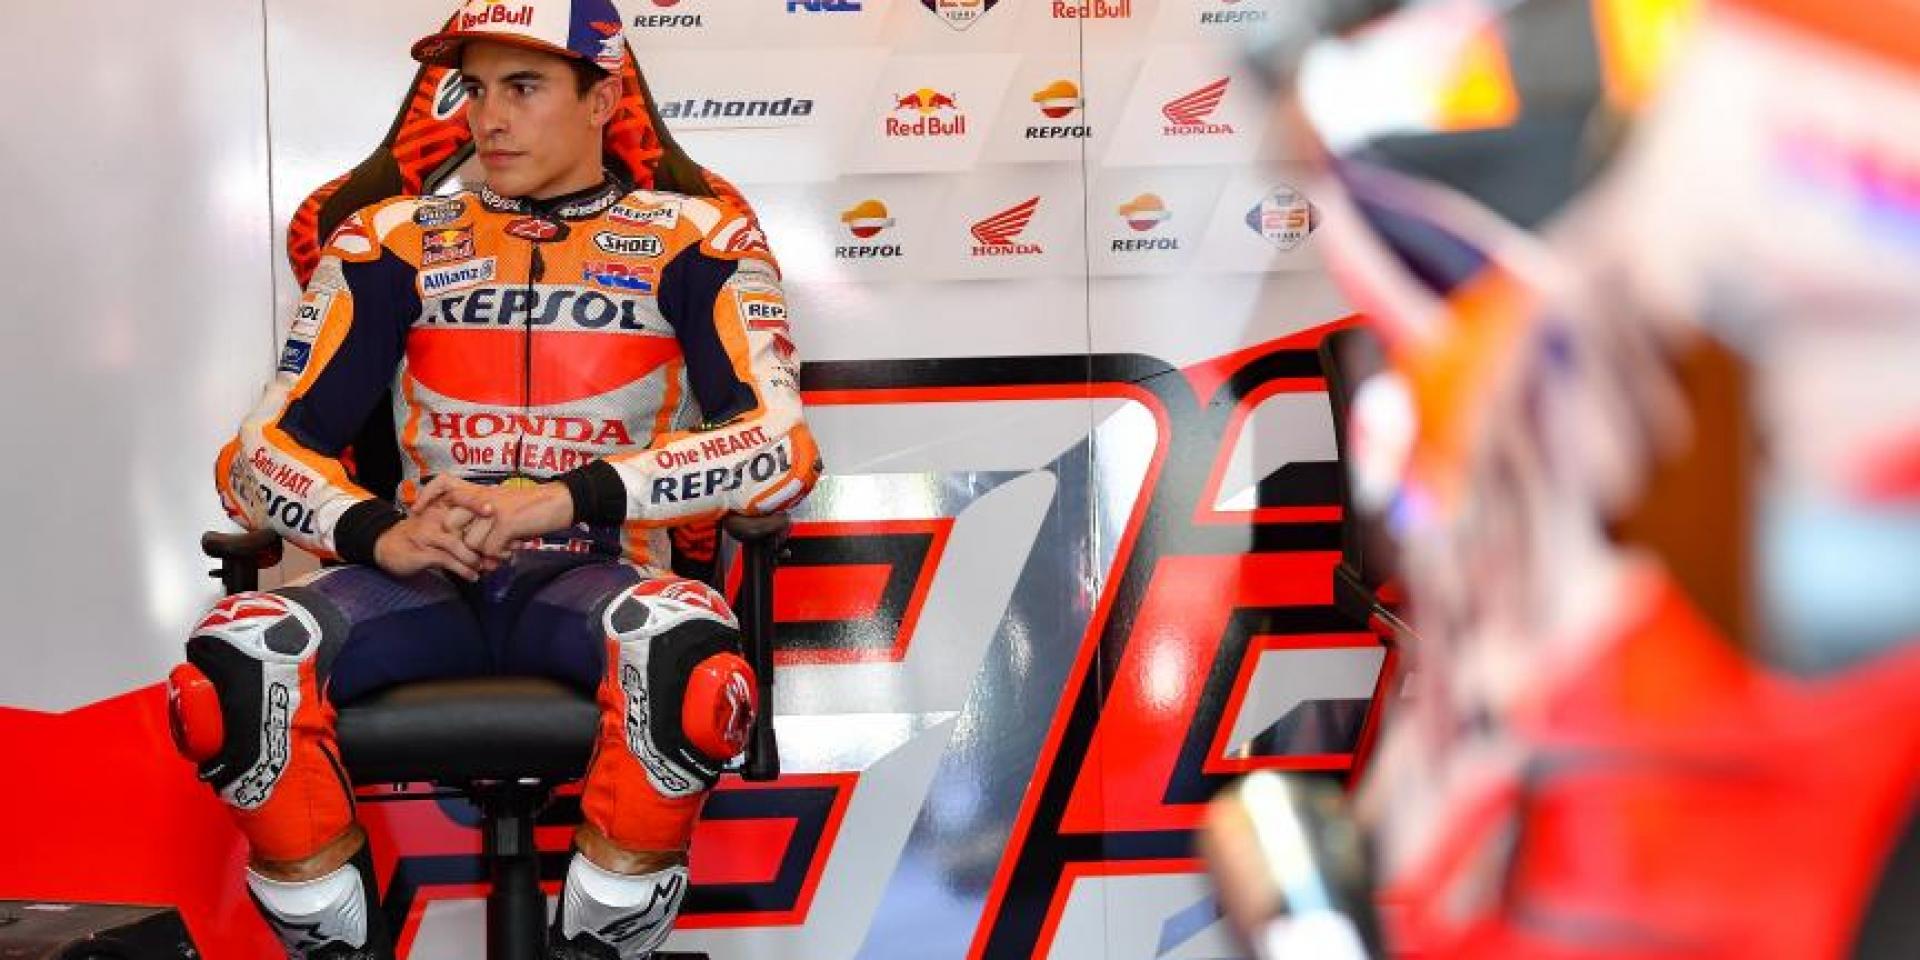 別期待了!Carlo Pernat:開季不會有Marc Marquez,也不會有Dovizioso!